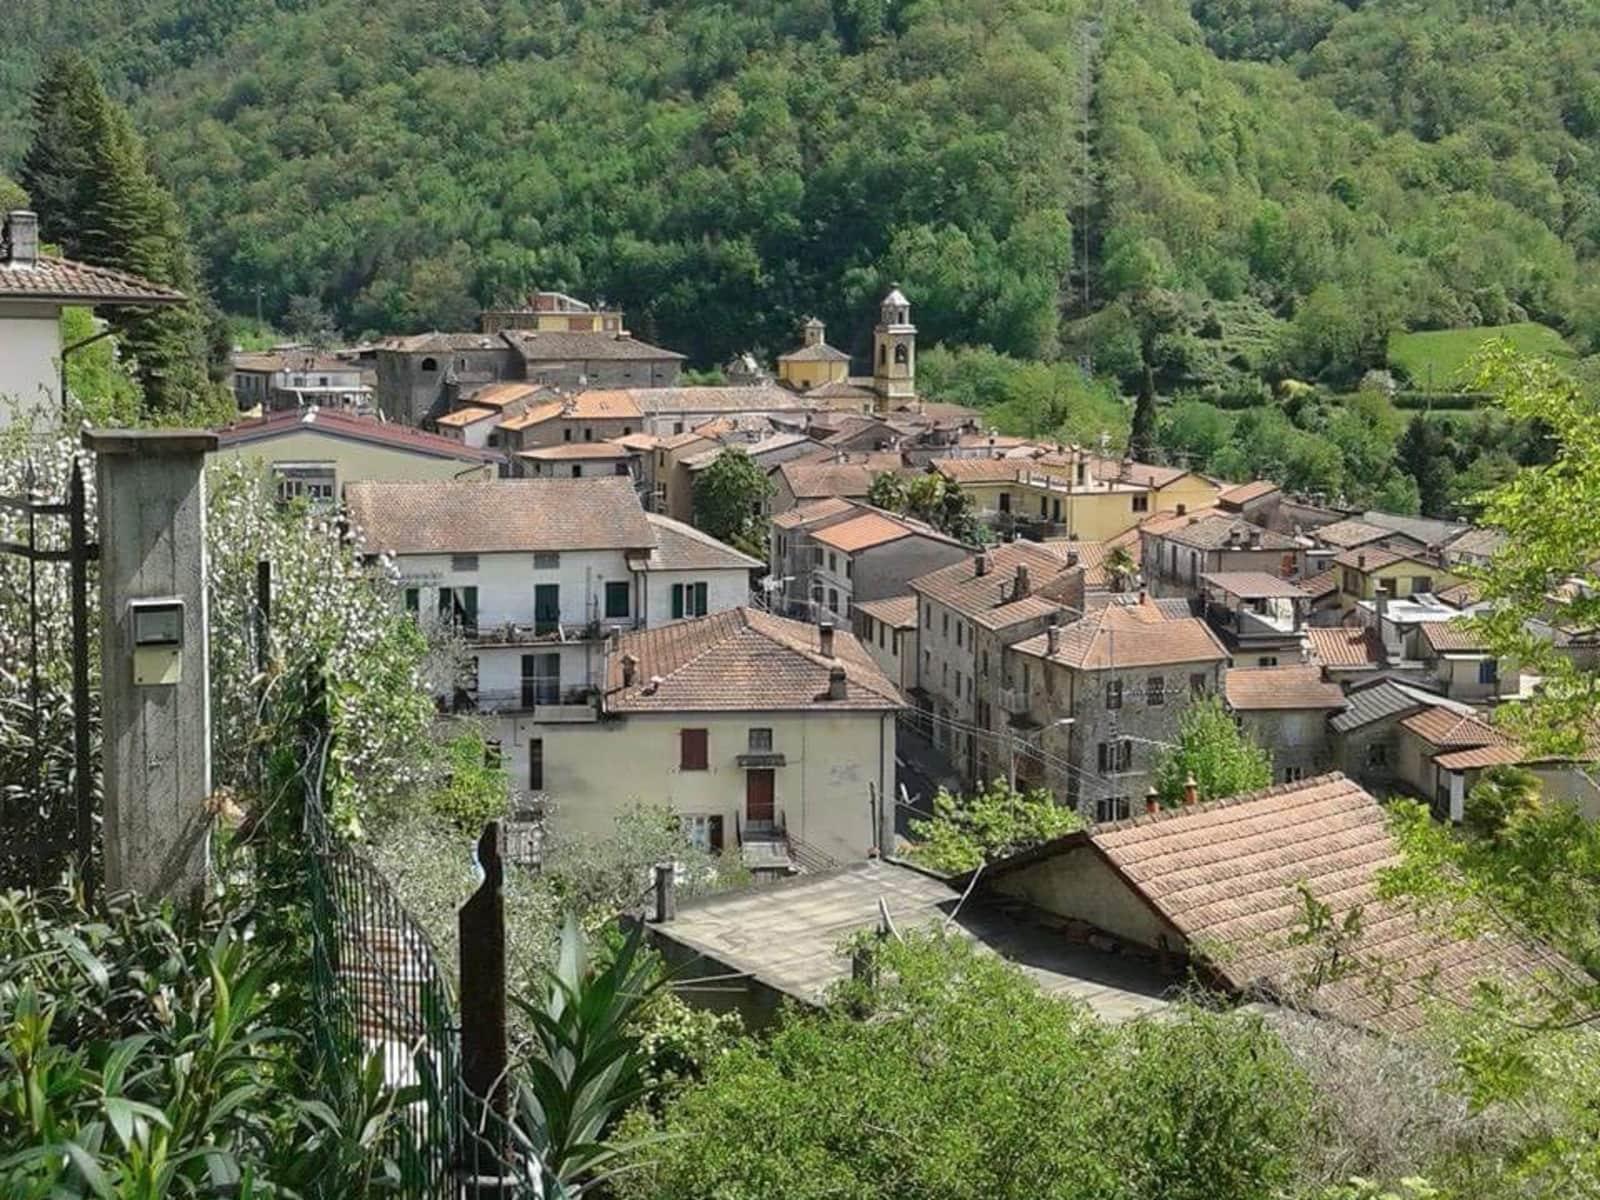 Patricia from Licciana Nardi, Italy